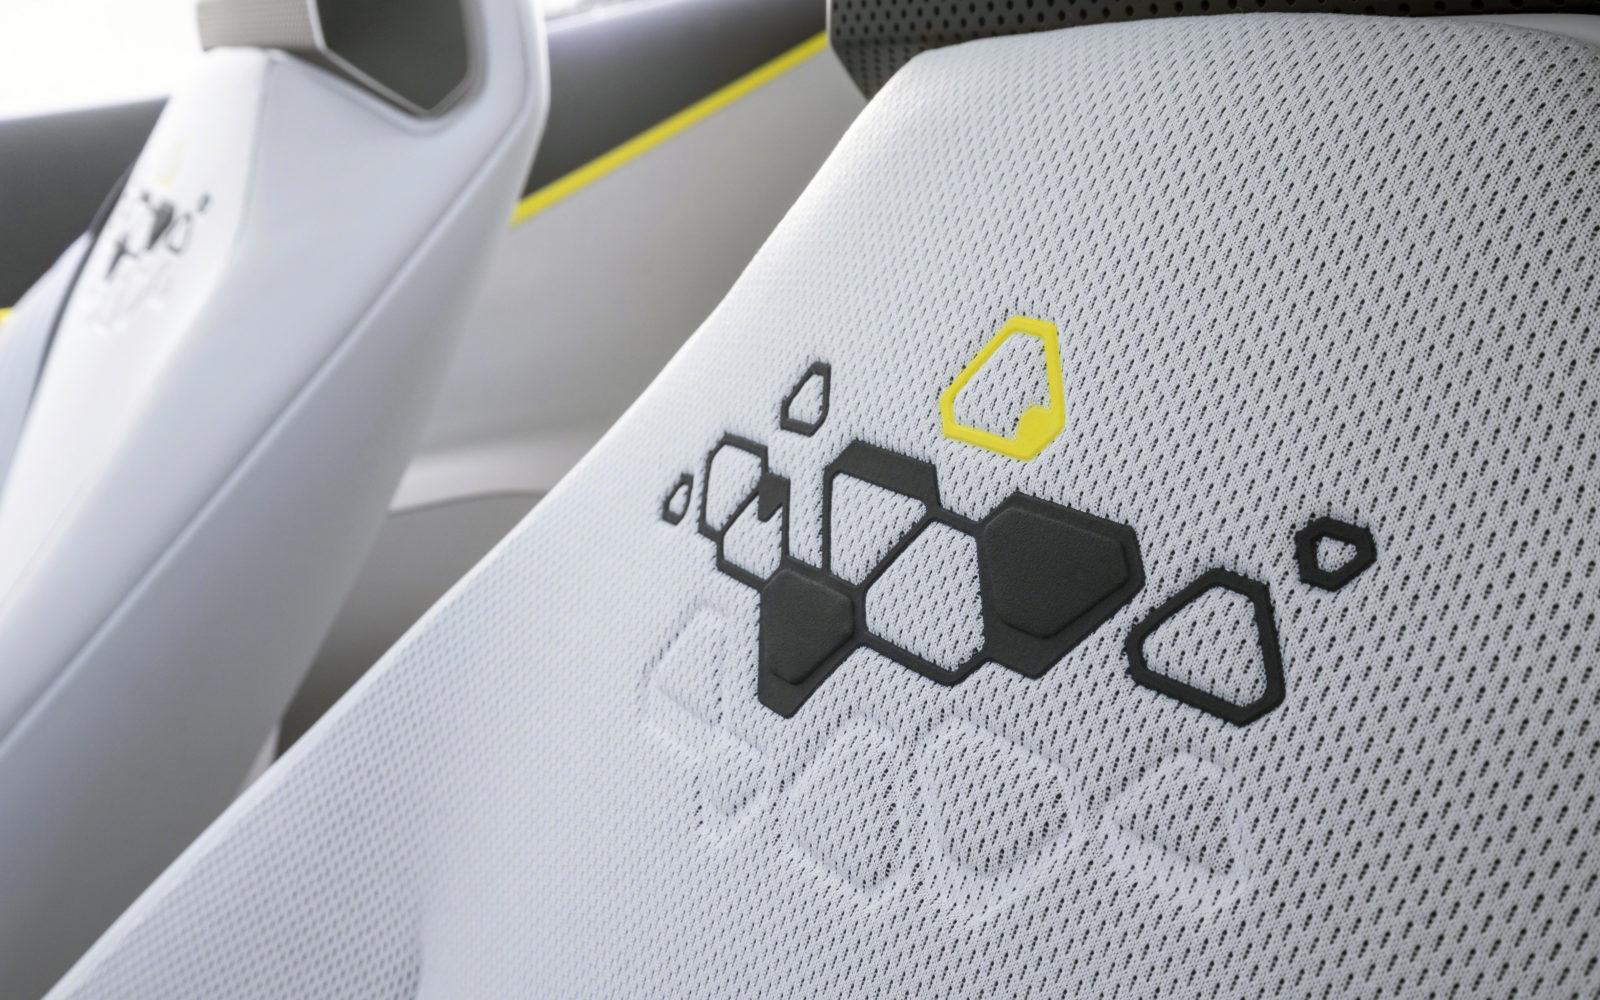 Liebe zum Detail: Auch im Interieur finden sich die Stilelemente der neuen Opel-Linie wieder